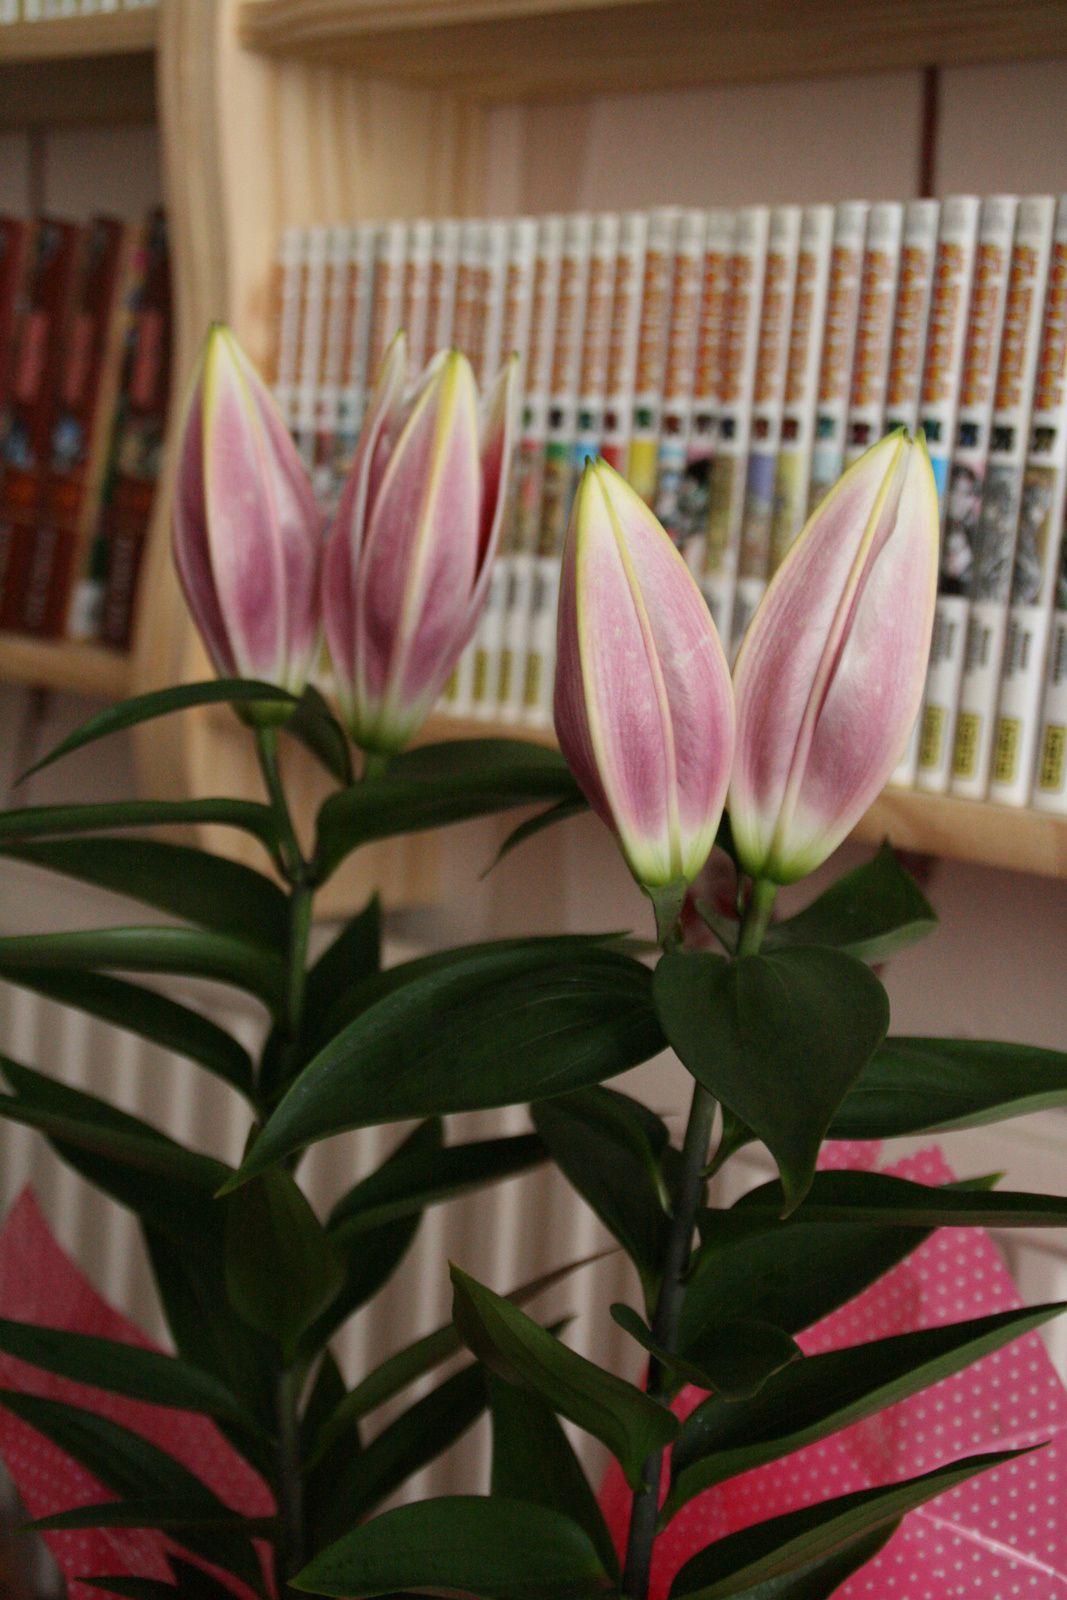 comment rendre les fleurs éternelles